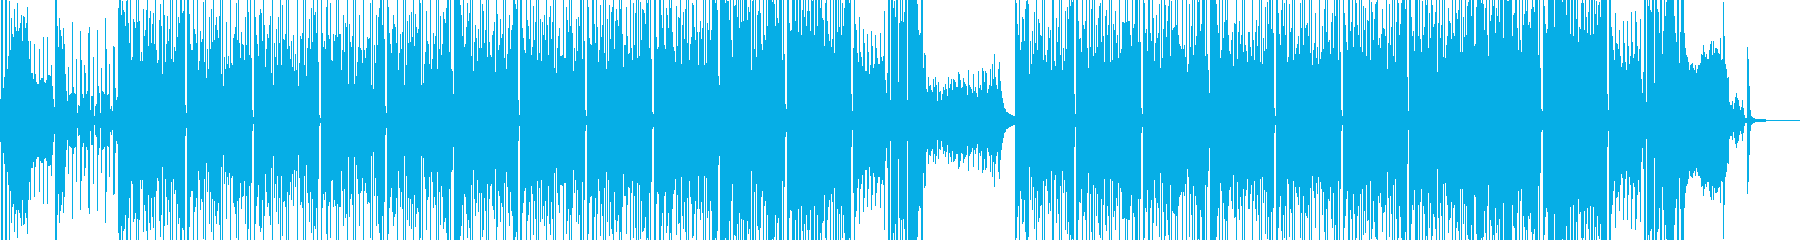 わいわい騒いでいるようなブラスR&Bの再生済みの波形